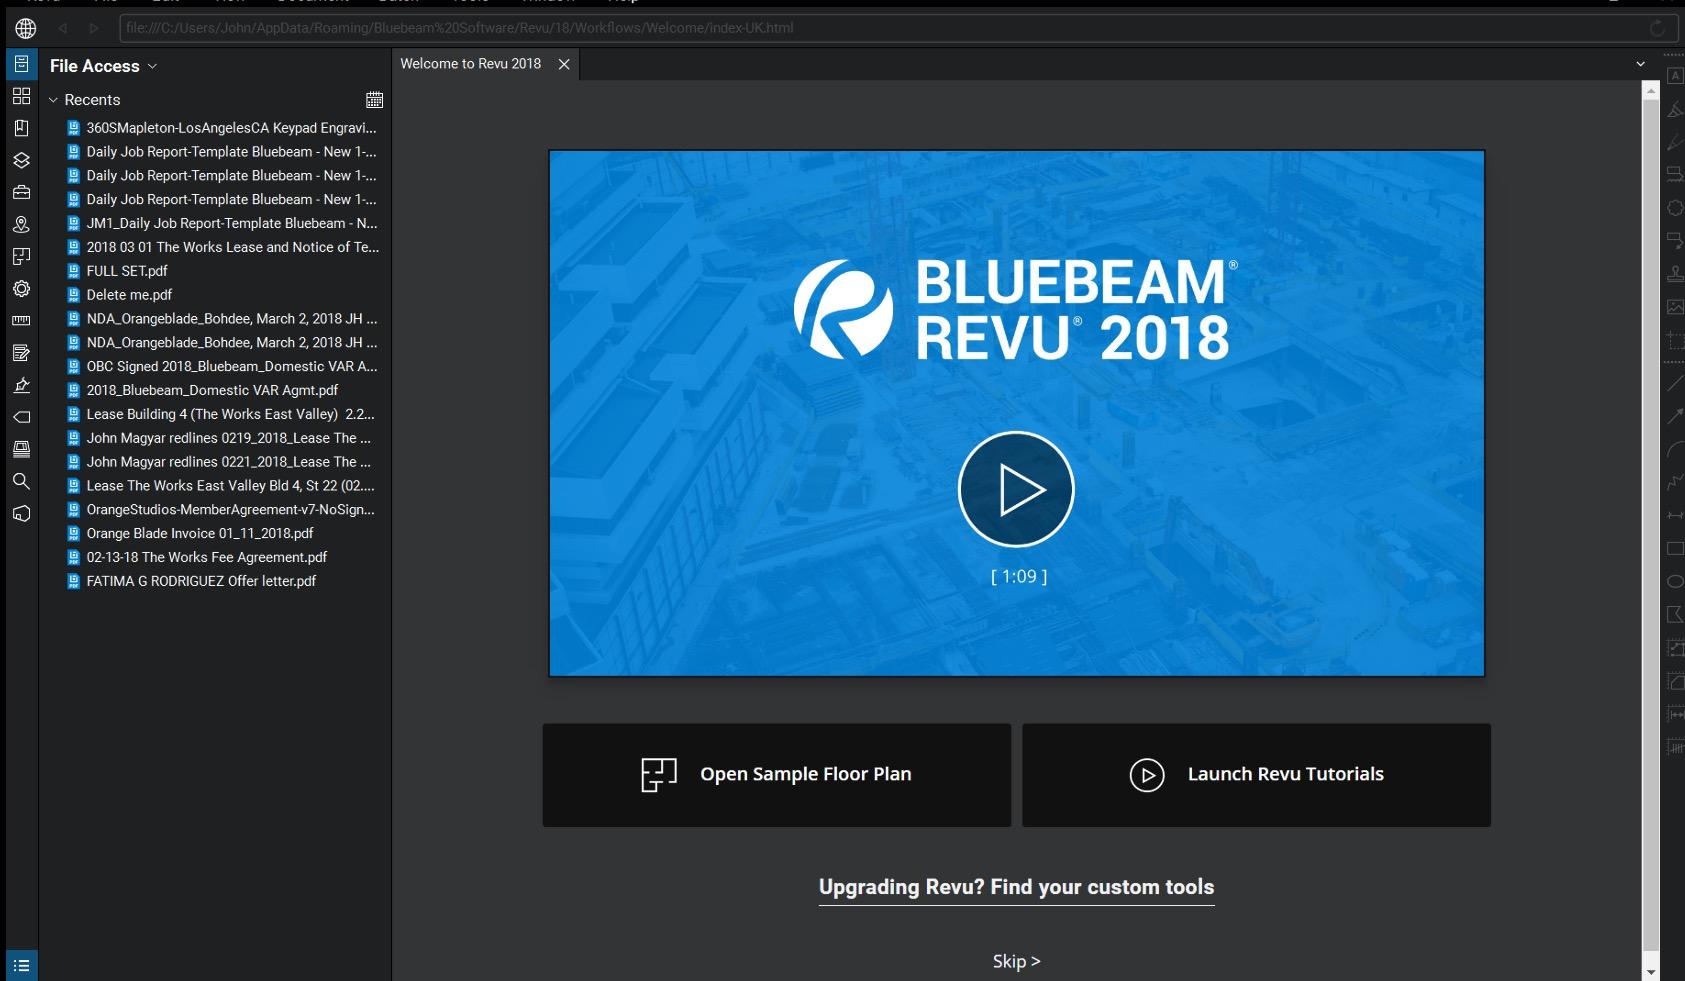 Revu 2018 User Interface